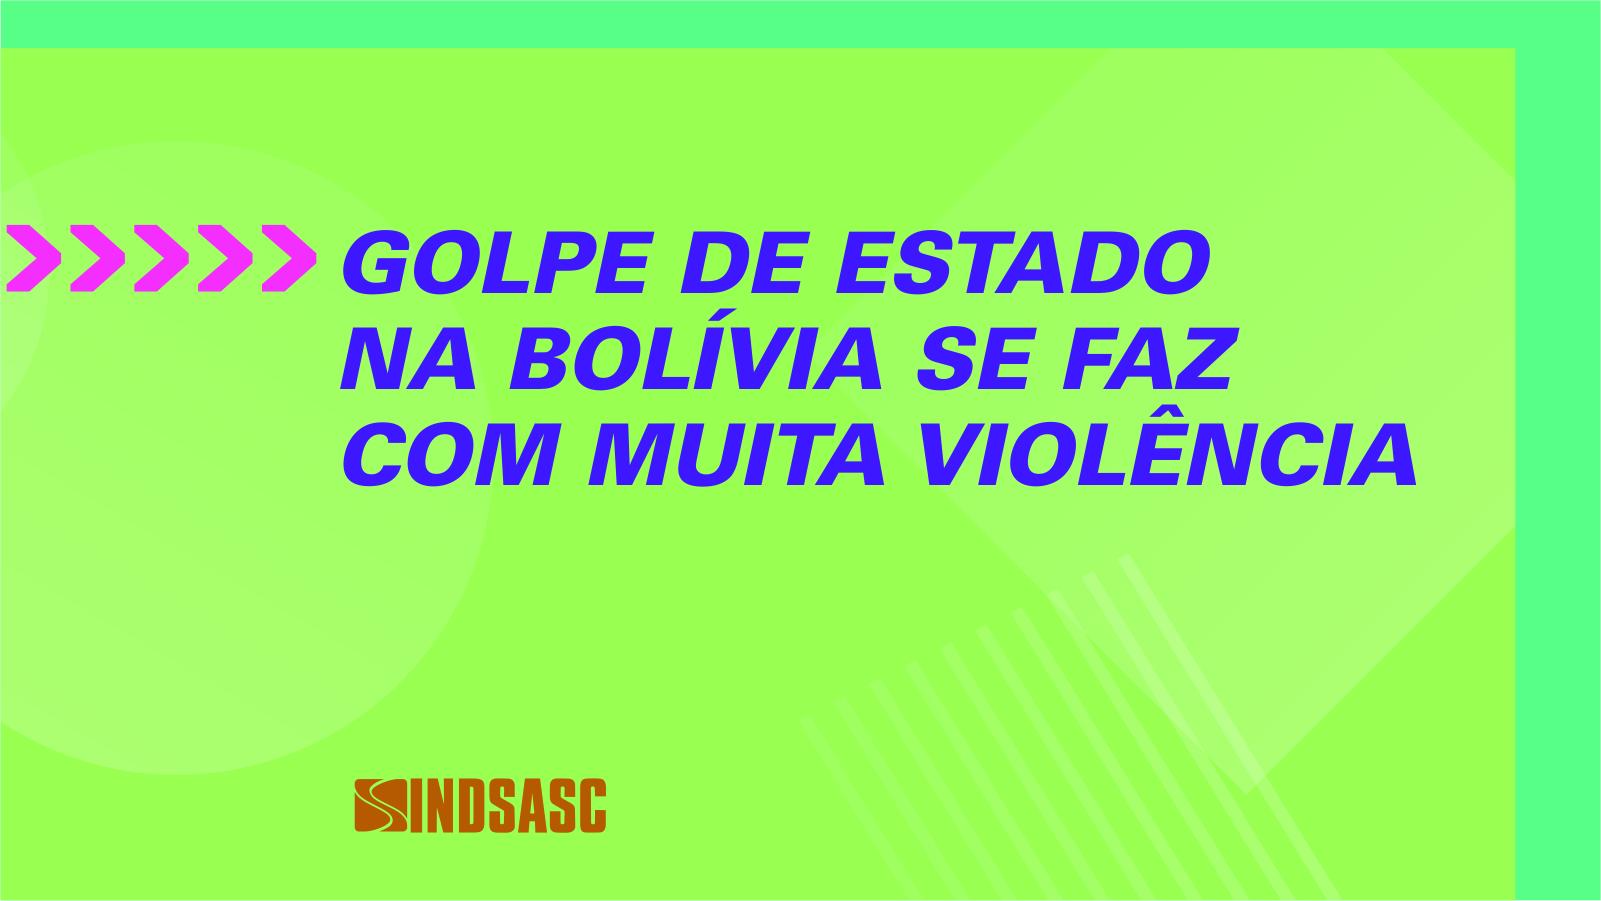 Golpe de Estado na Bolívia se faz com muita violência